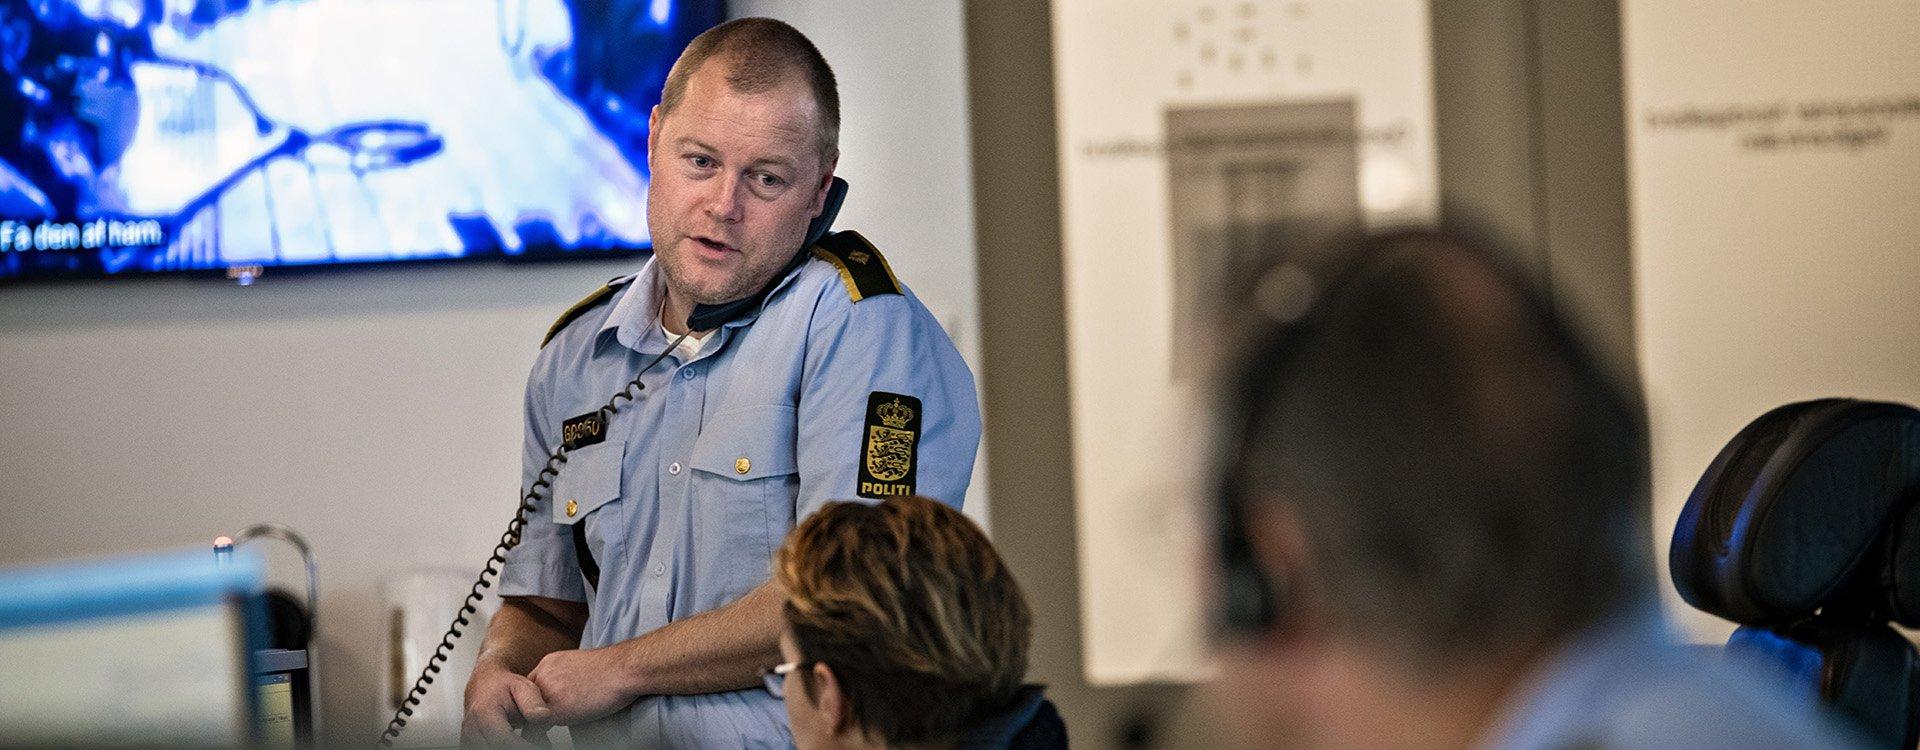 Politi, Politiforbundet, Fagbevægelsens Hovedorganisation, Politibetjent